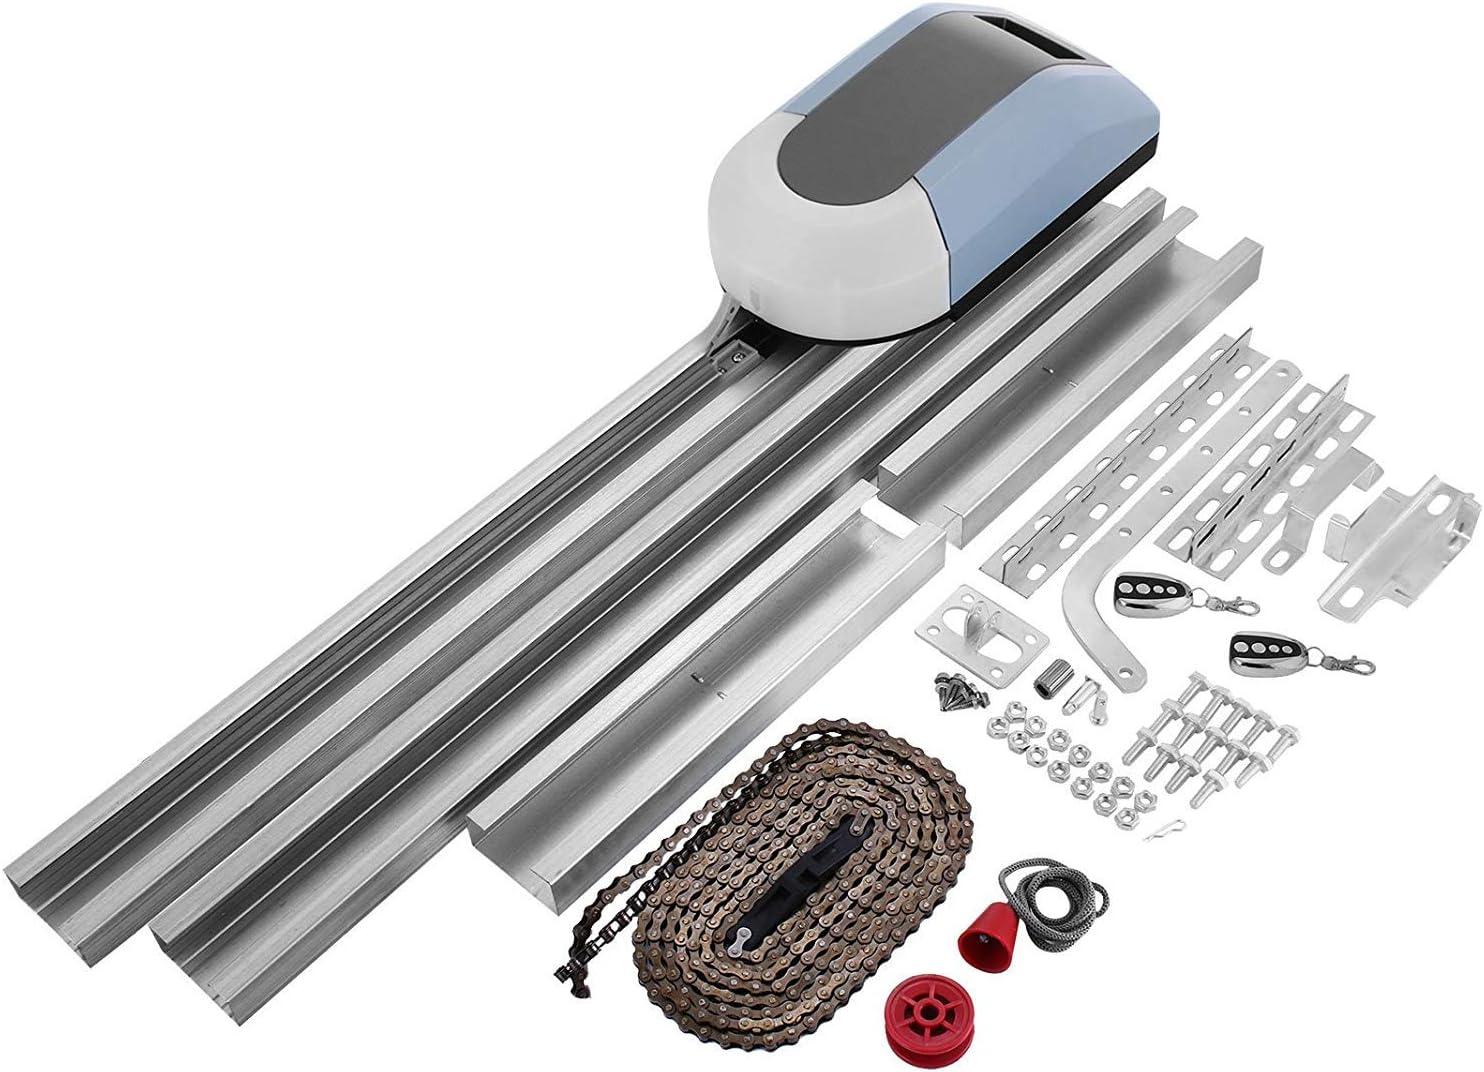 Mophorn Operador de Abridor de Puertas de Garaje 1000N Kit Completo 150W Control Remoto Eléctrico Automático Puertas Abrelatas Kit de Puertas Corredizas